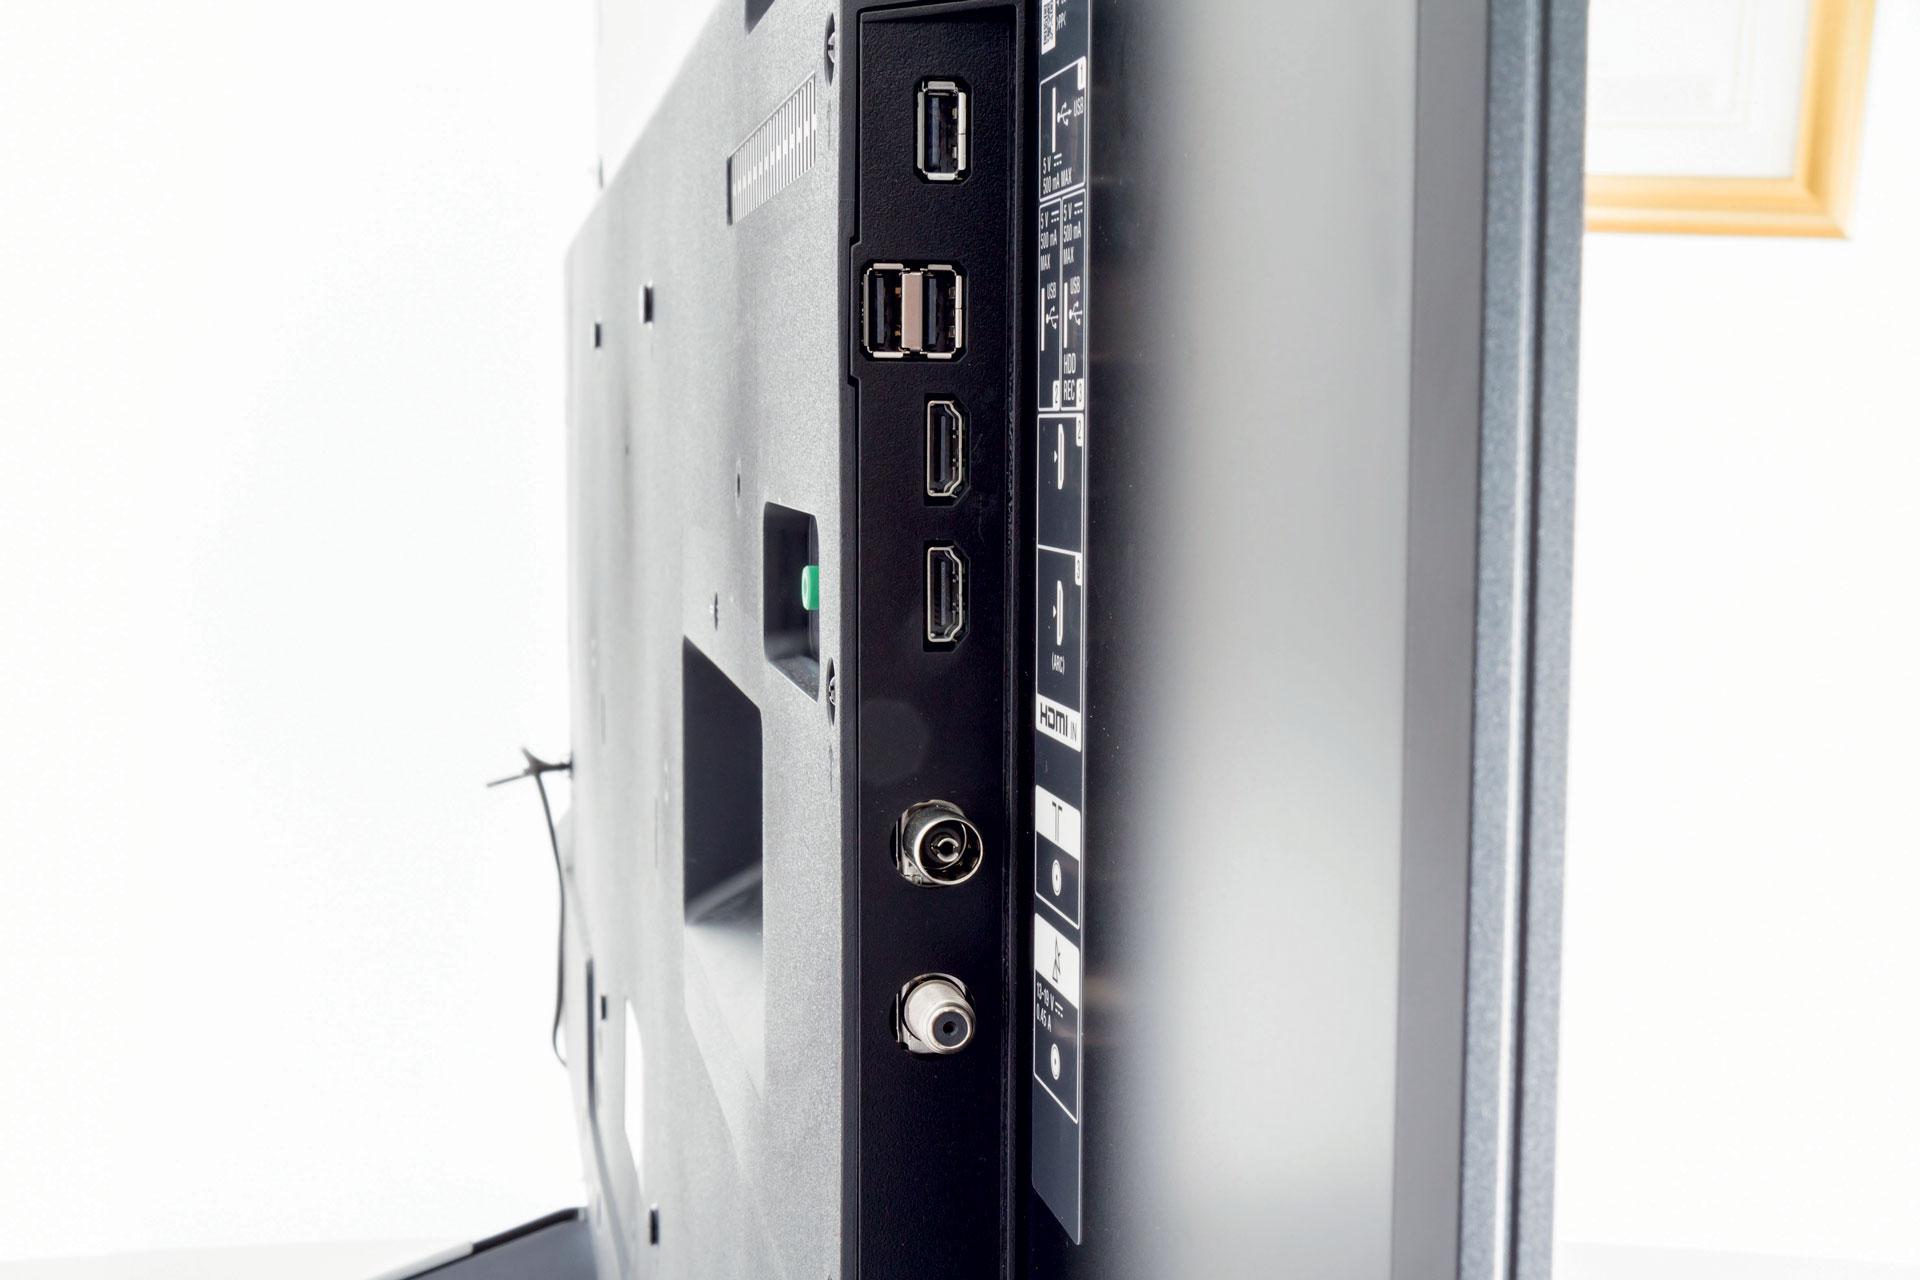 Sony Bravia XE70 7